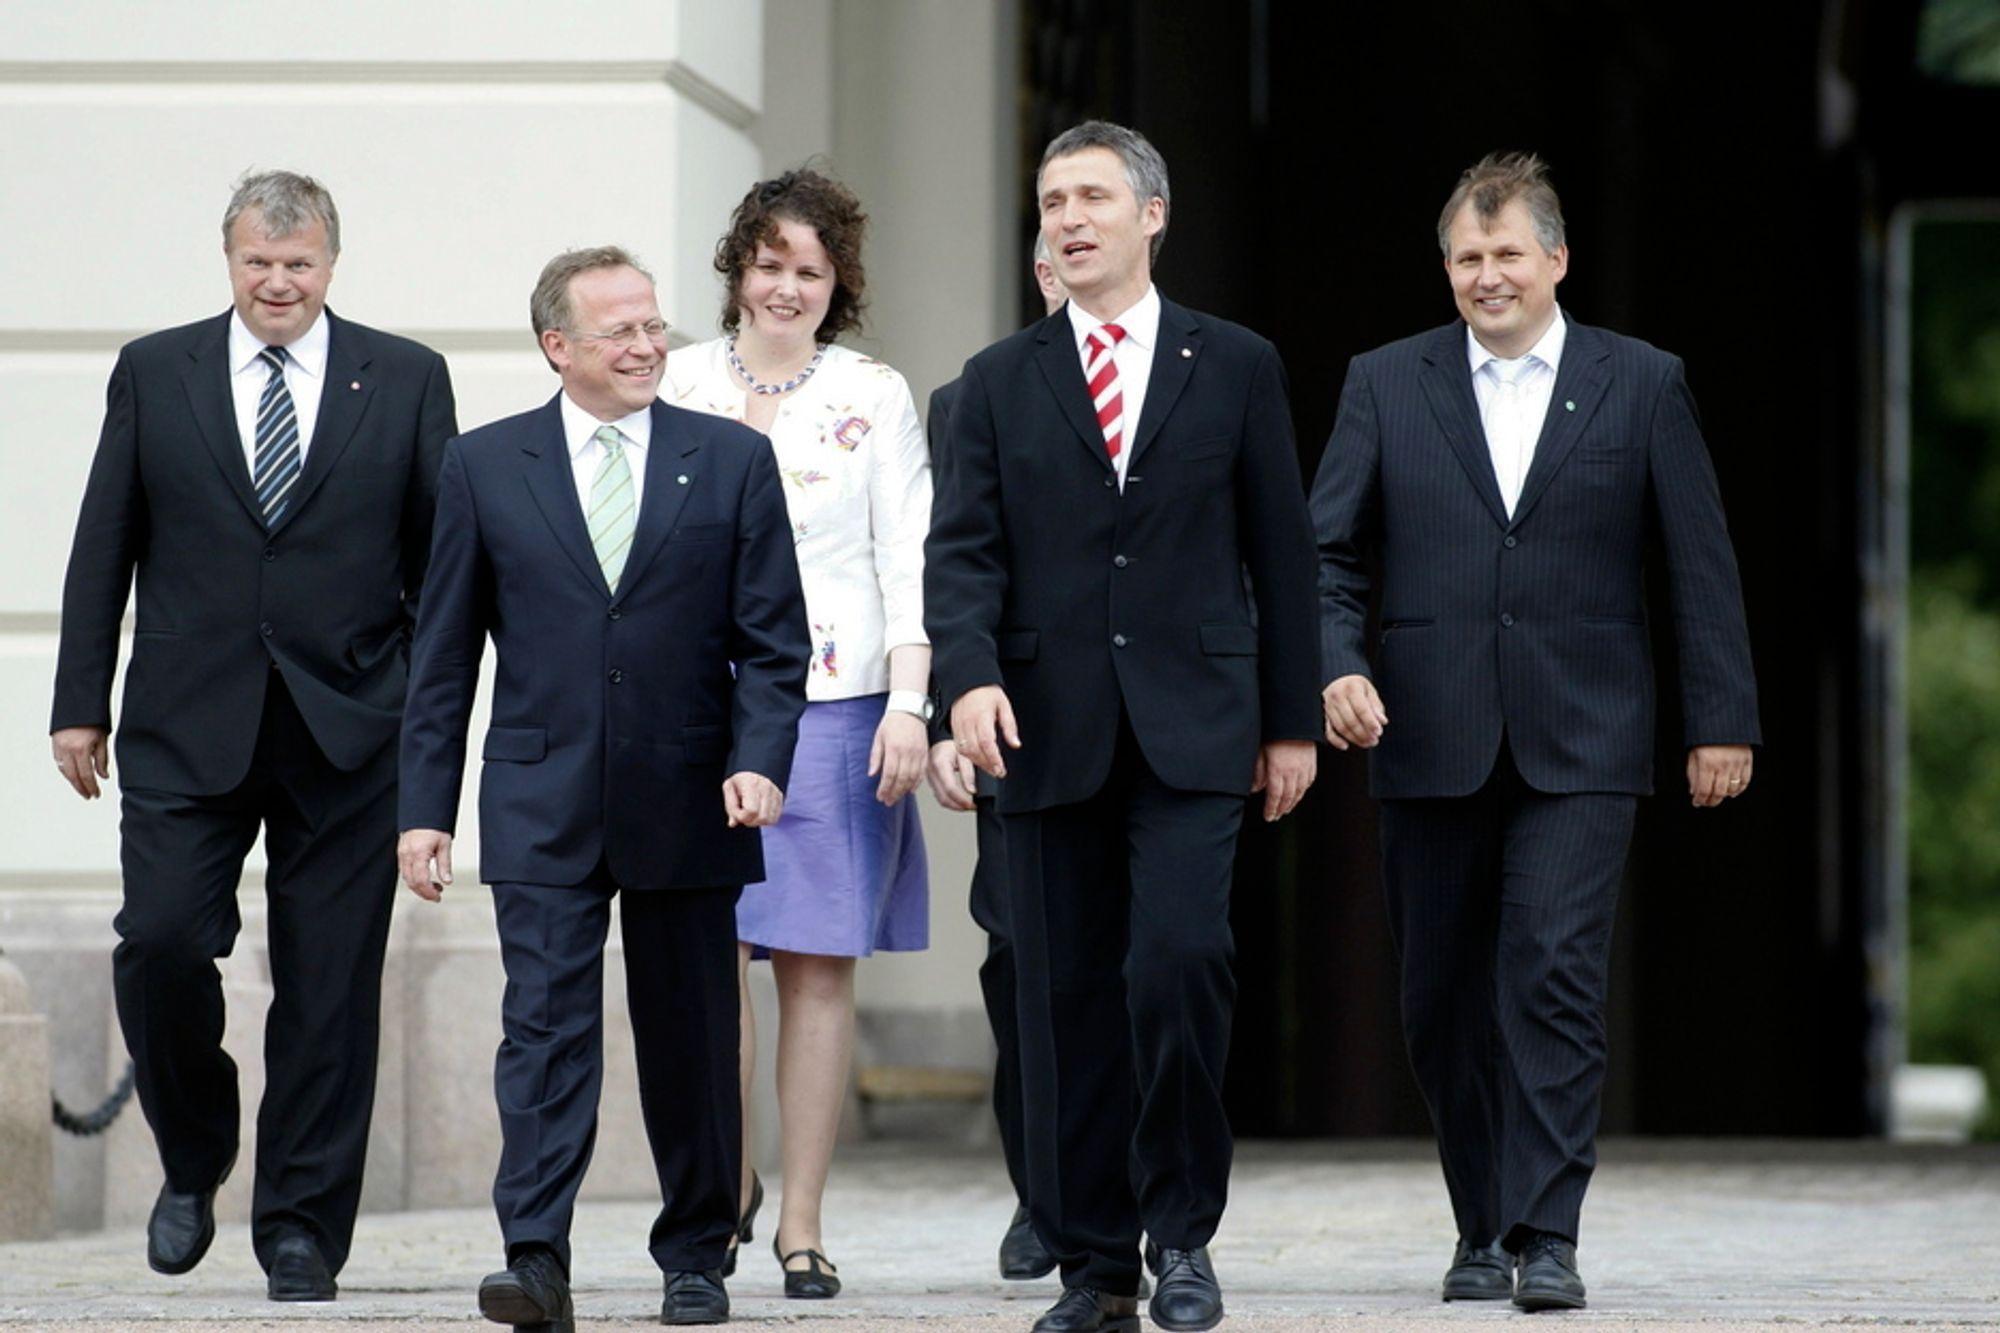 Jens Stoltenberg med sin nye regjeringskabal i juni 2008. Nå viser det seg at de alle kan ha blitt overvåket av Forsvarets sikkerhetstjeneste.